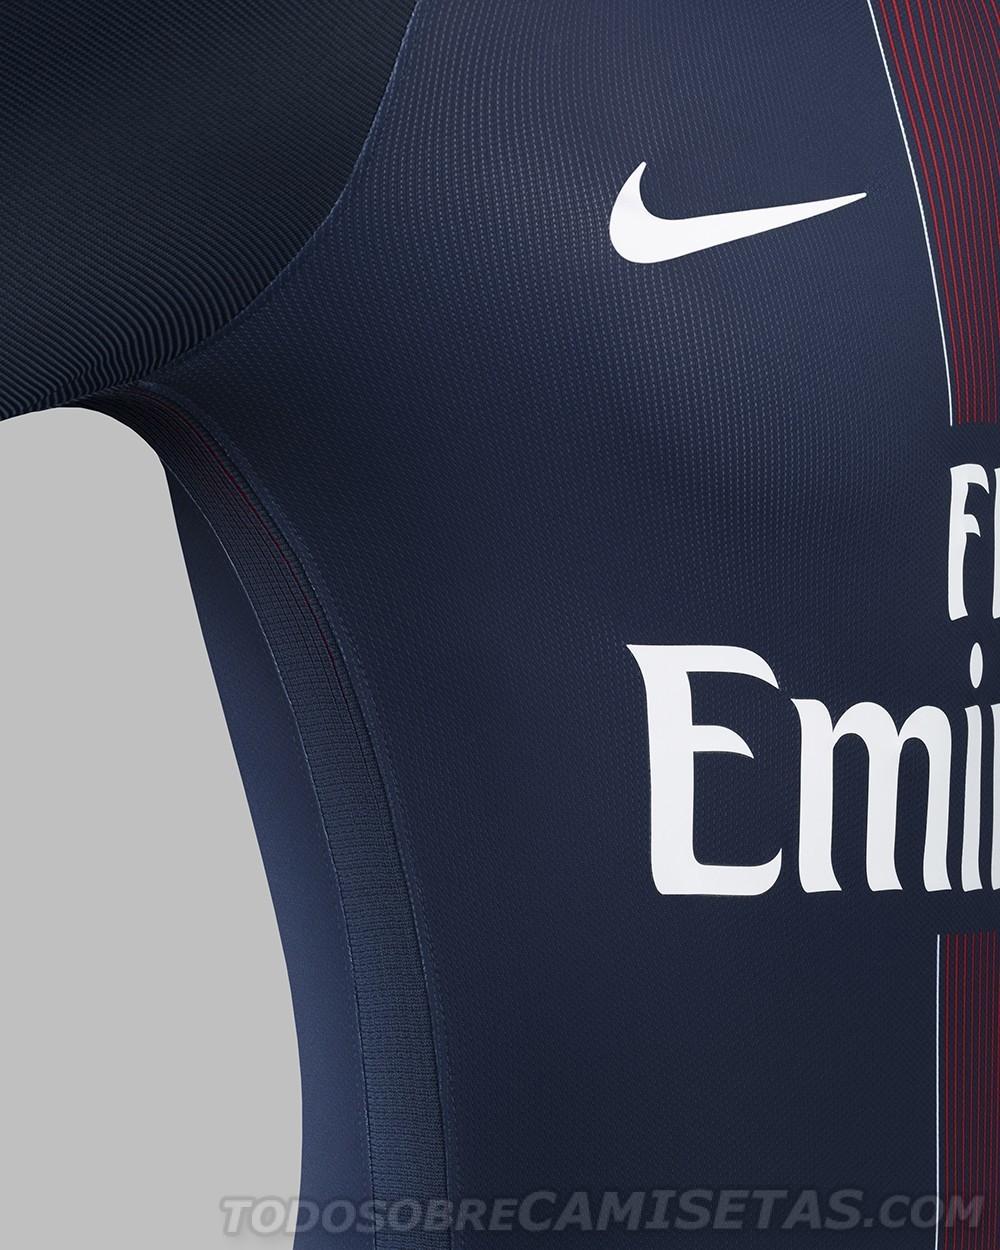 Paris-Saint-Germain-2016-17-NIKE-new-home-kit-4.jpg